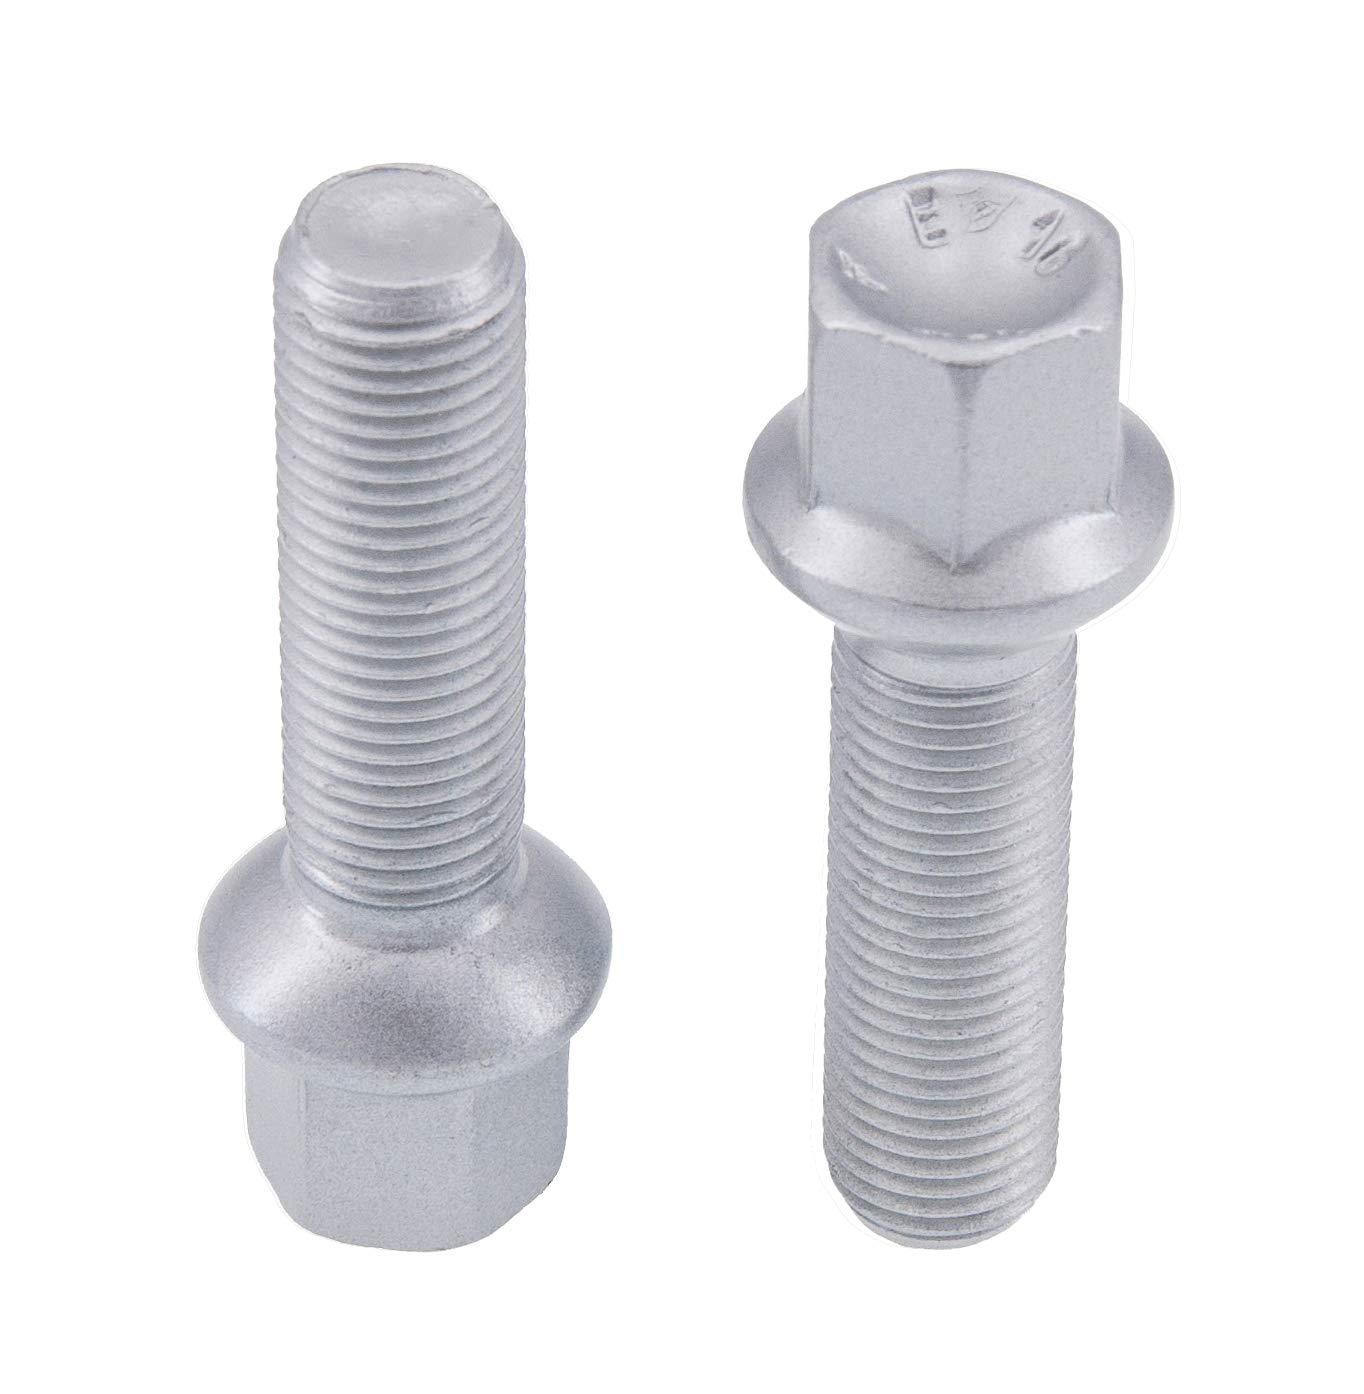 Akozon Juego de Resistencias Surtido 1280pcs 1//4W 64 Values 1-10M ohm Componentes de Surtido de Resistencias de Pel/ícula de Metal